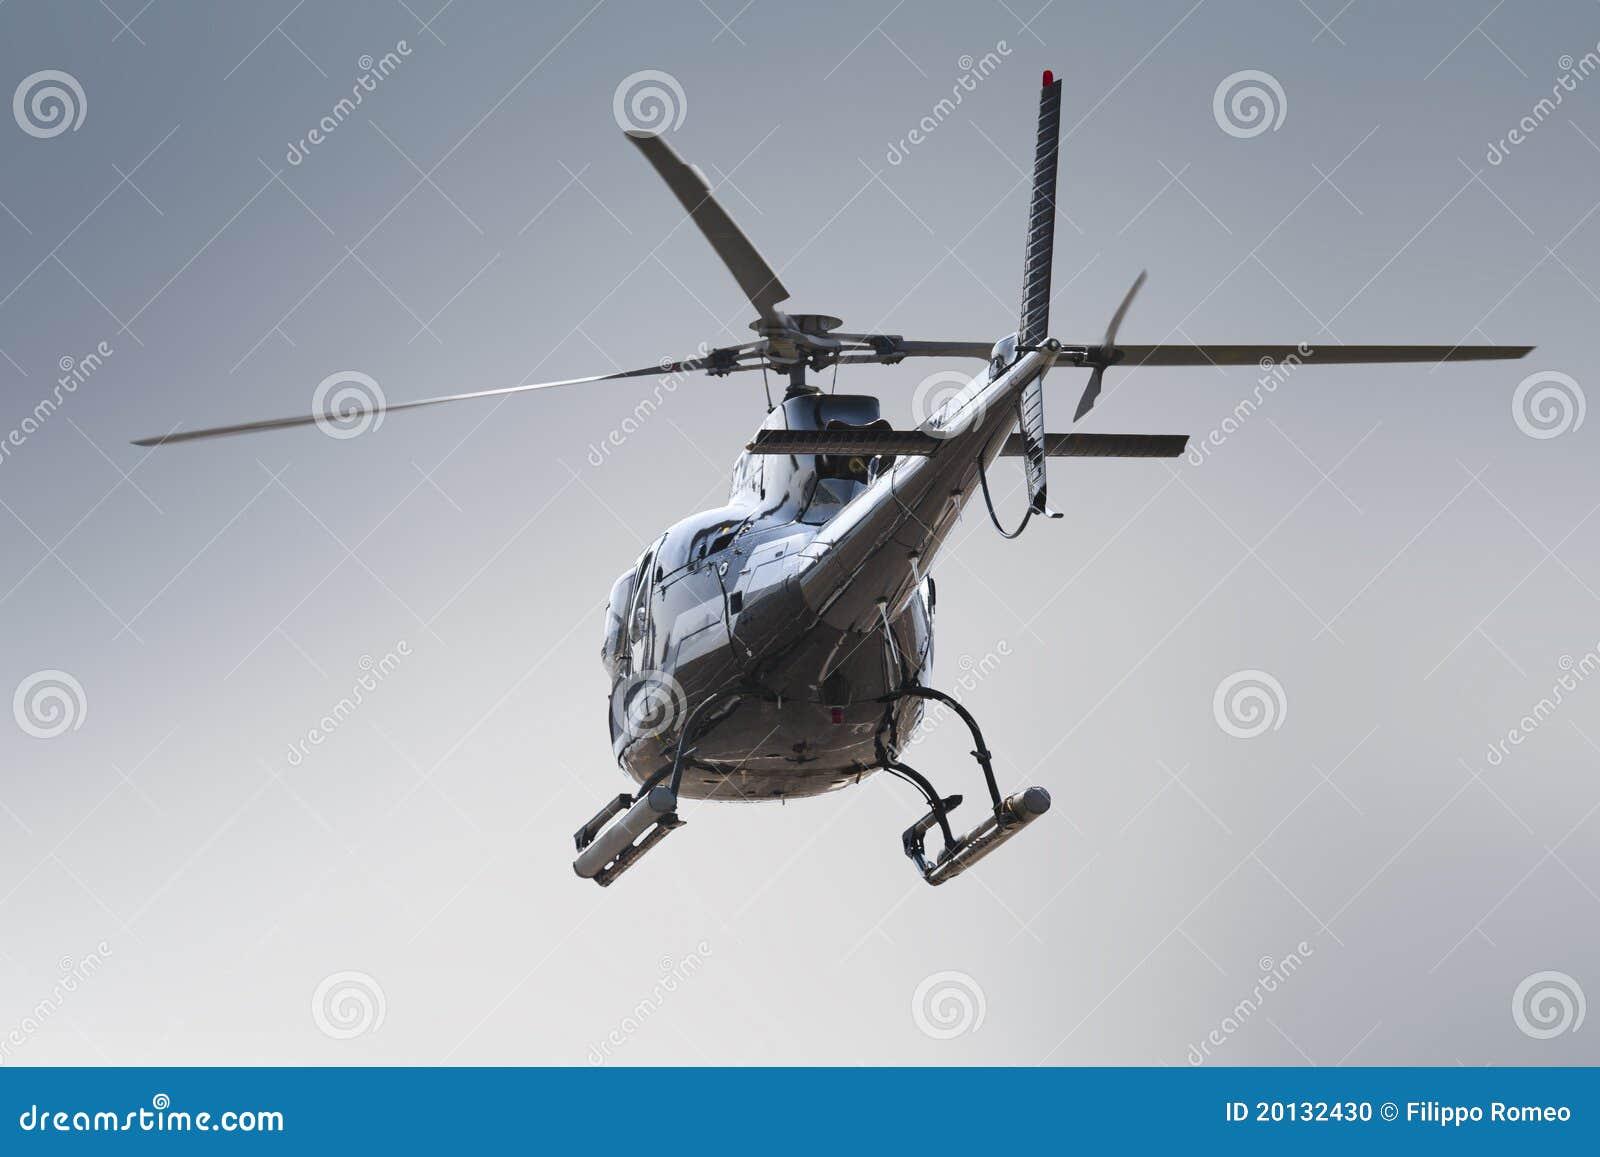 Elicottero Quarto : Lato posteriore dell elicottero fotografia stock immagine di